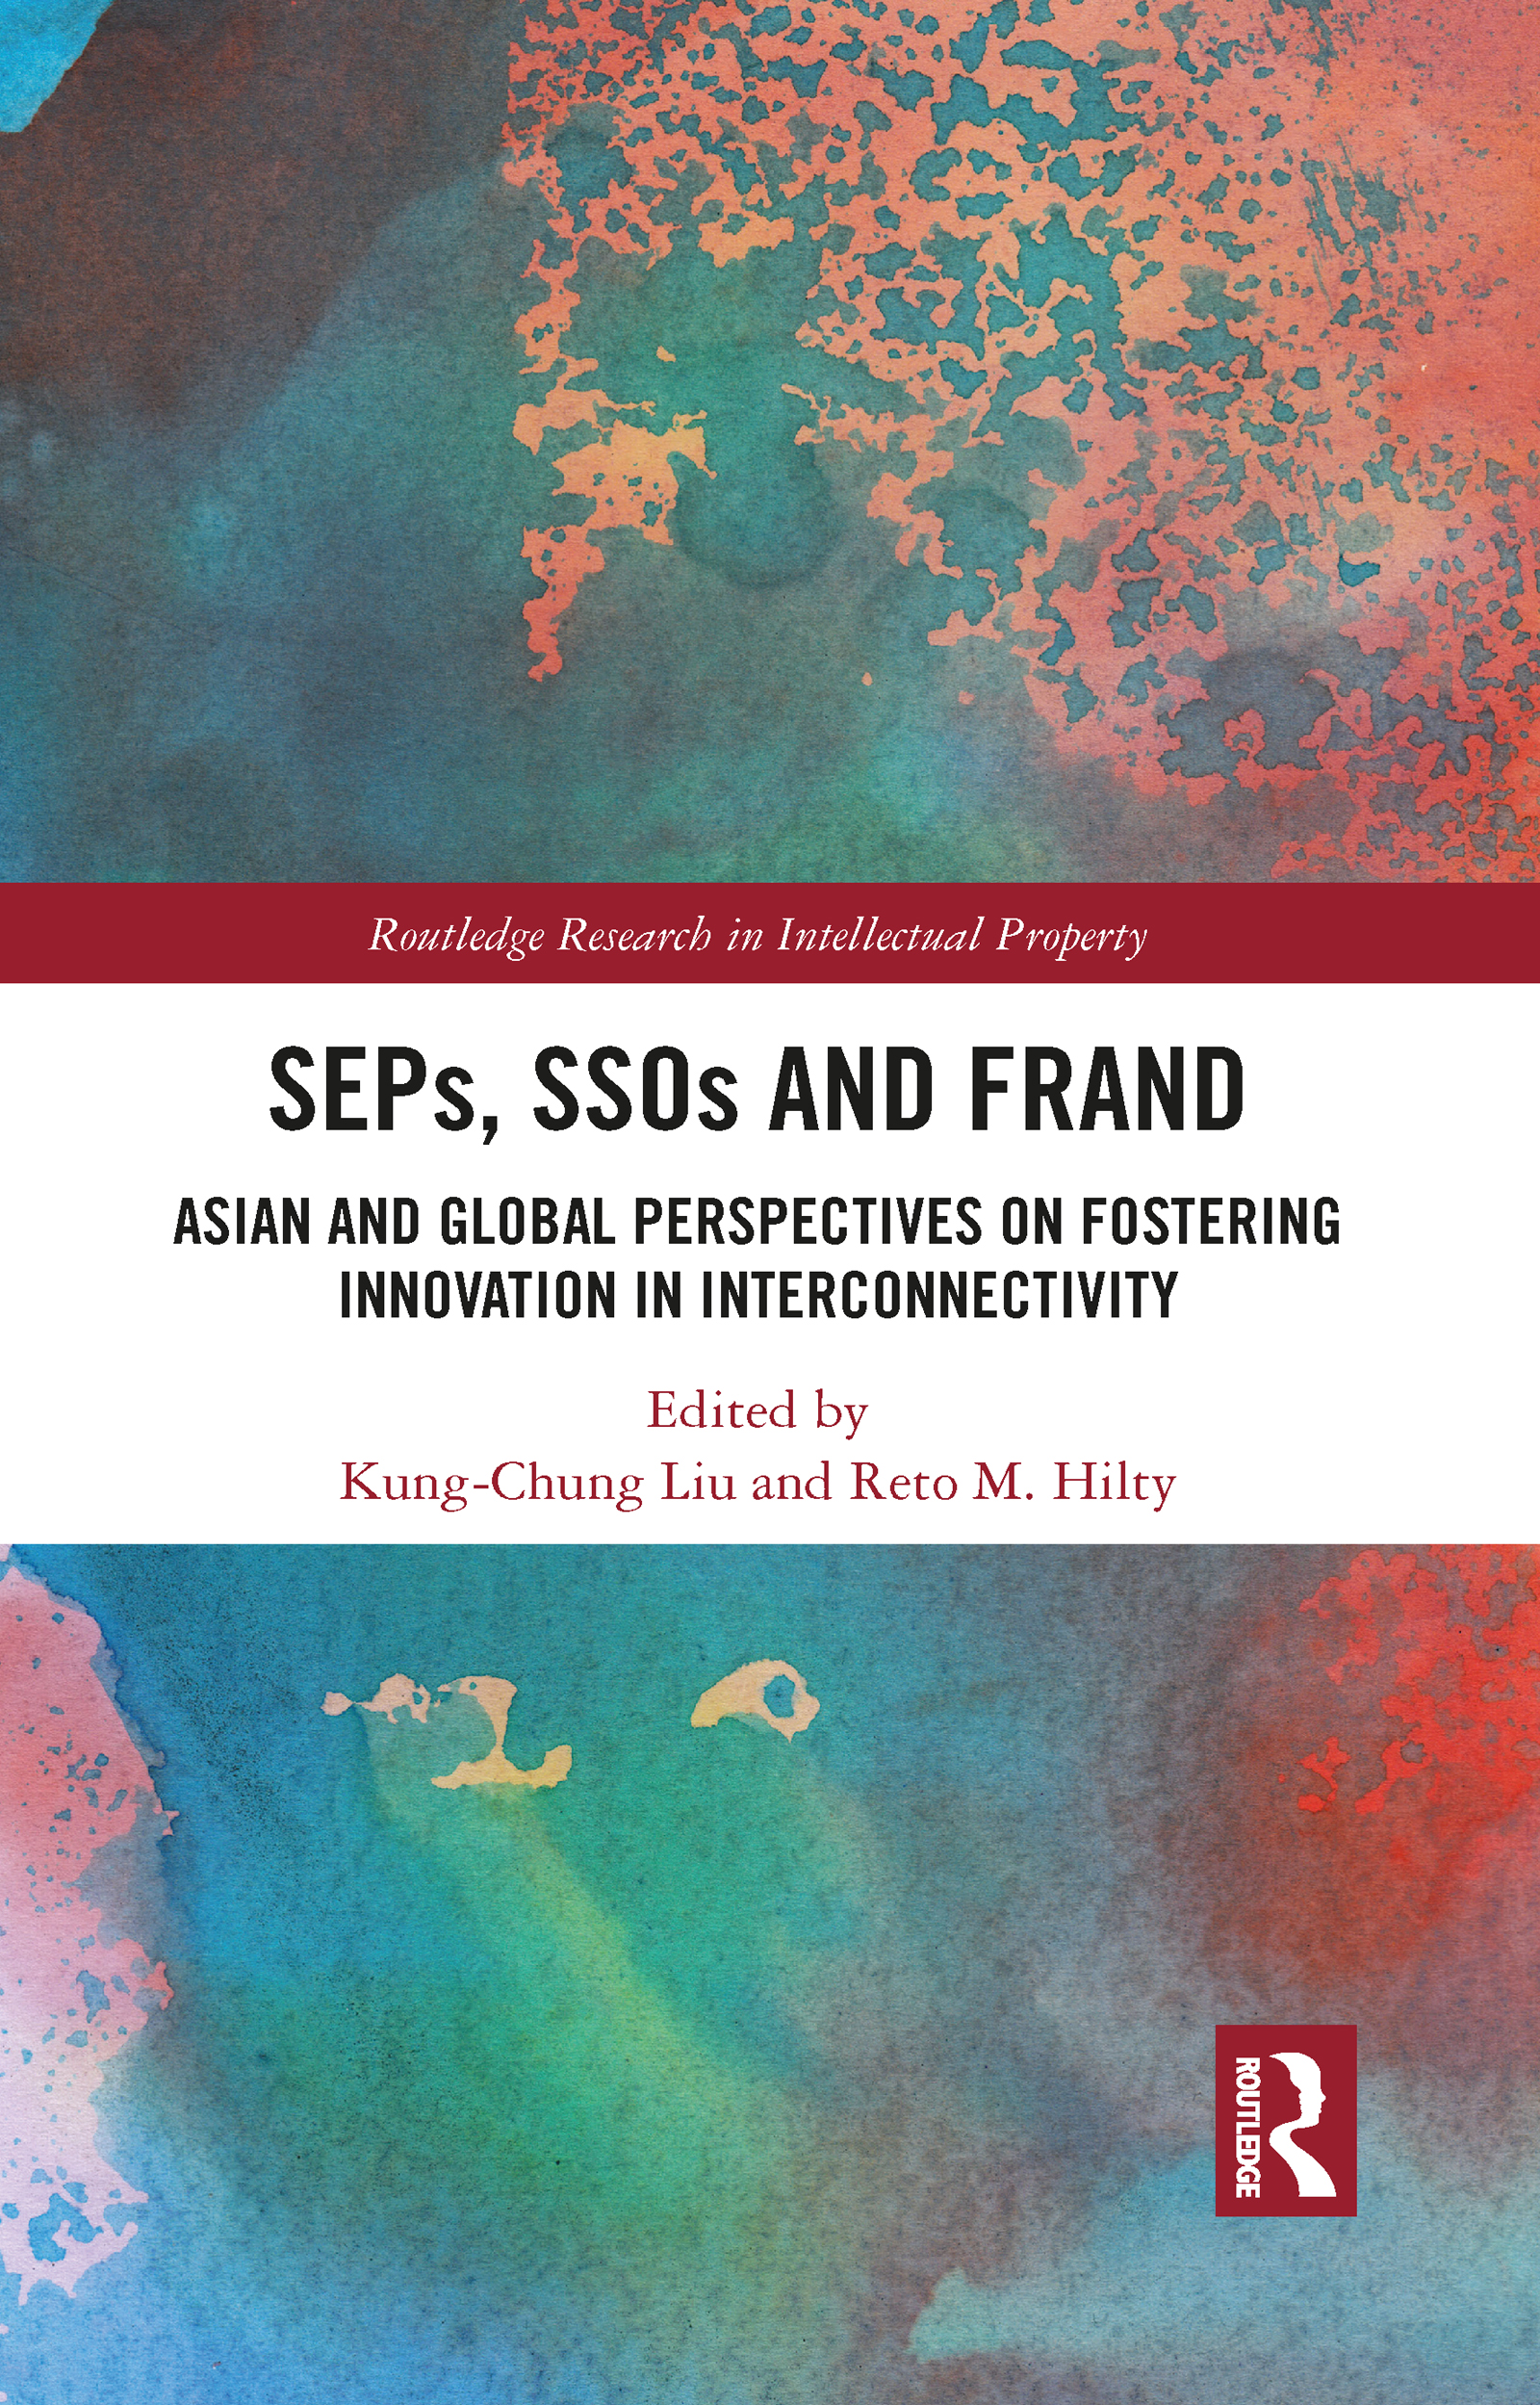 SEPs, SSOs and FRAND